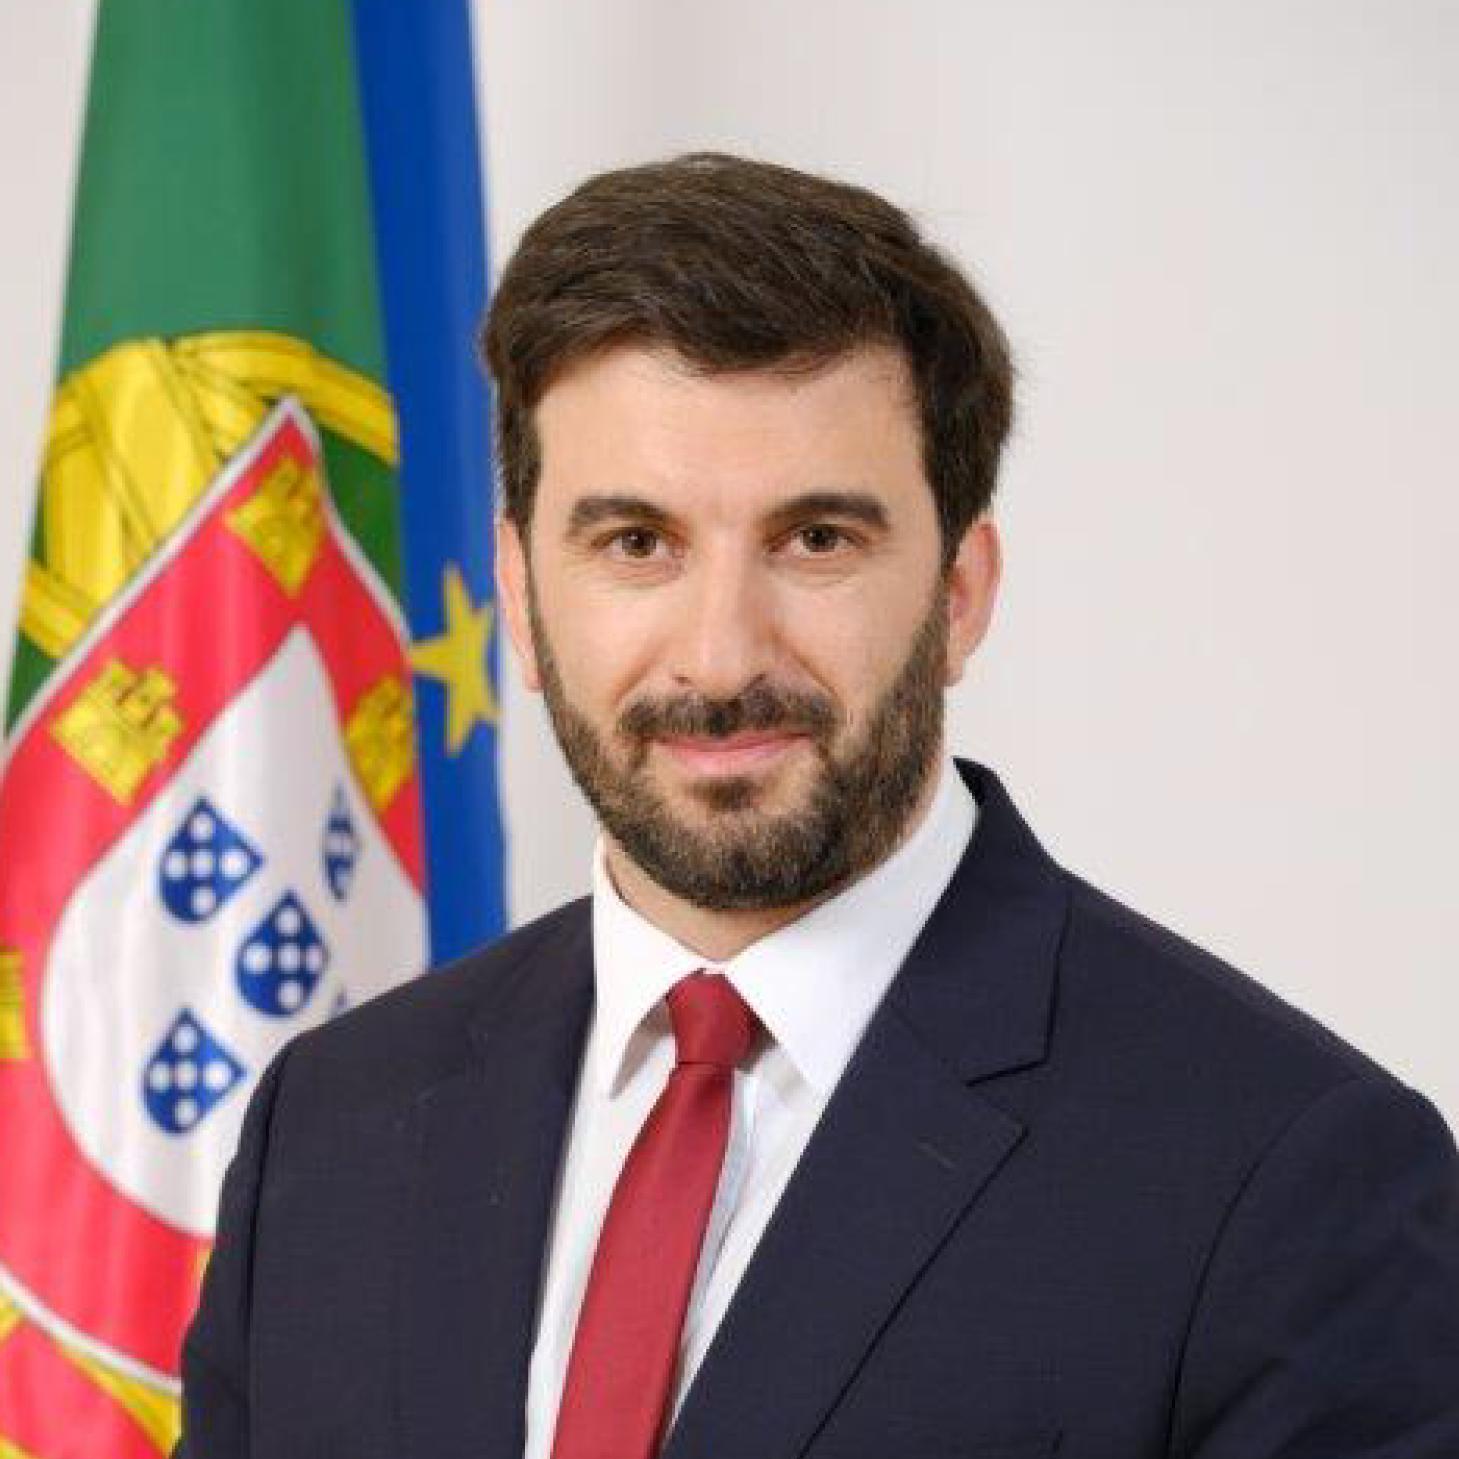 No dia 14 de julho a Comissão de Educação, Ciência, Juventude e Desporto procedeu à Audição a requerimento do GP PS seguido pela Audição Regimental do Senhor Ministro da Educação Tiago Brandão Rodrigues às 16h00.